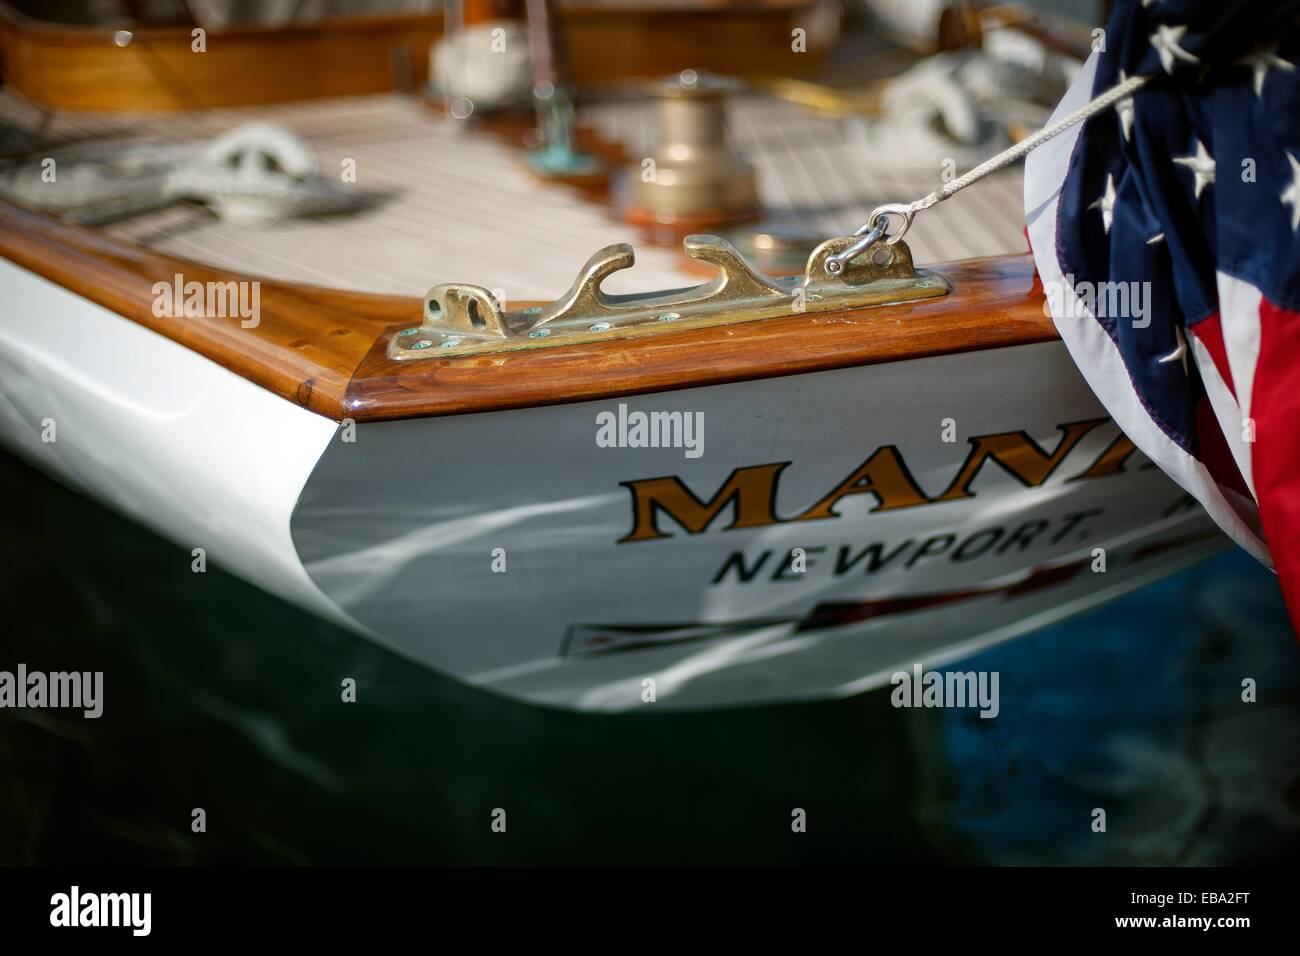 Popa del barco velero Manitou Newport Latina 1937 Stern de velero Manitou Newport America 1937 Foto de stock